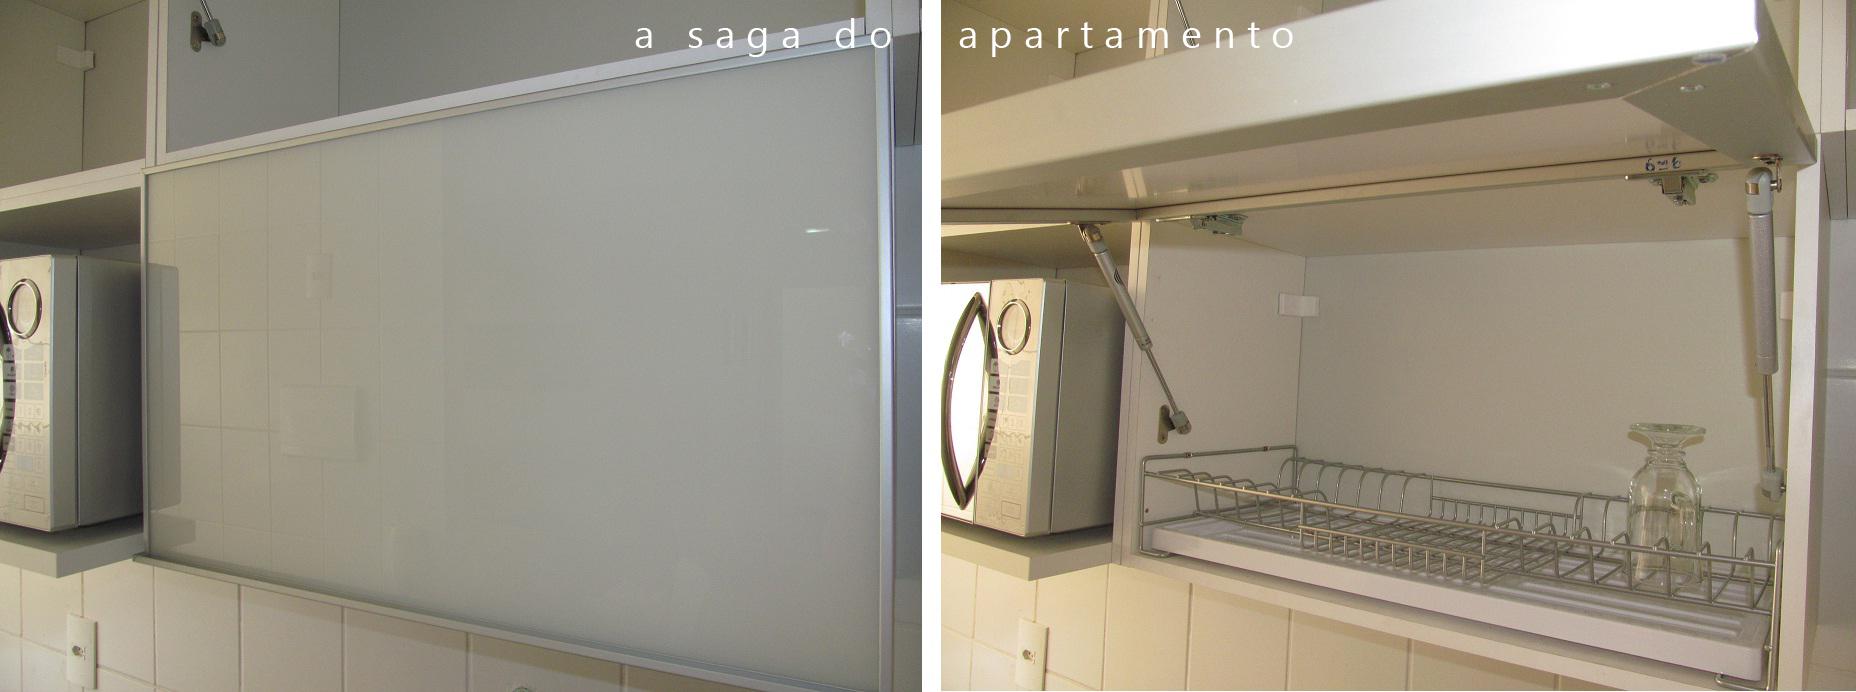 Finalmente os Móveis Planejados da Cozinha!!! – Italínea  a saga do apartamento # Armario De Cozinha Planejado Porta De Vidro